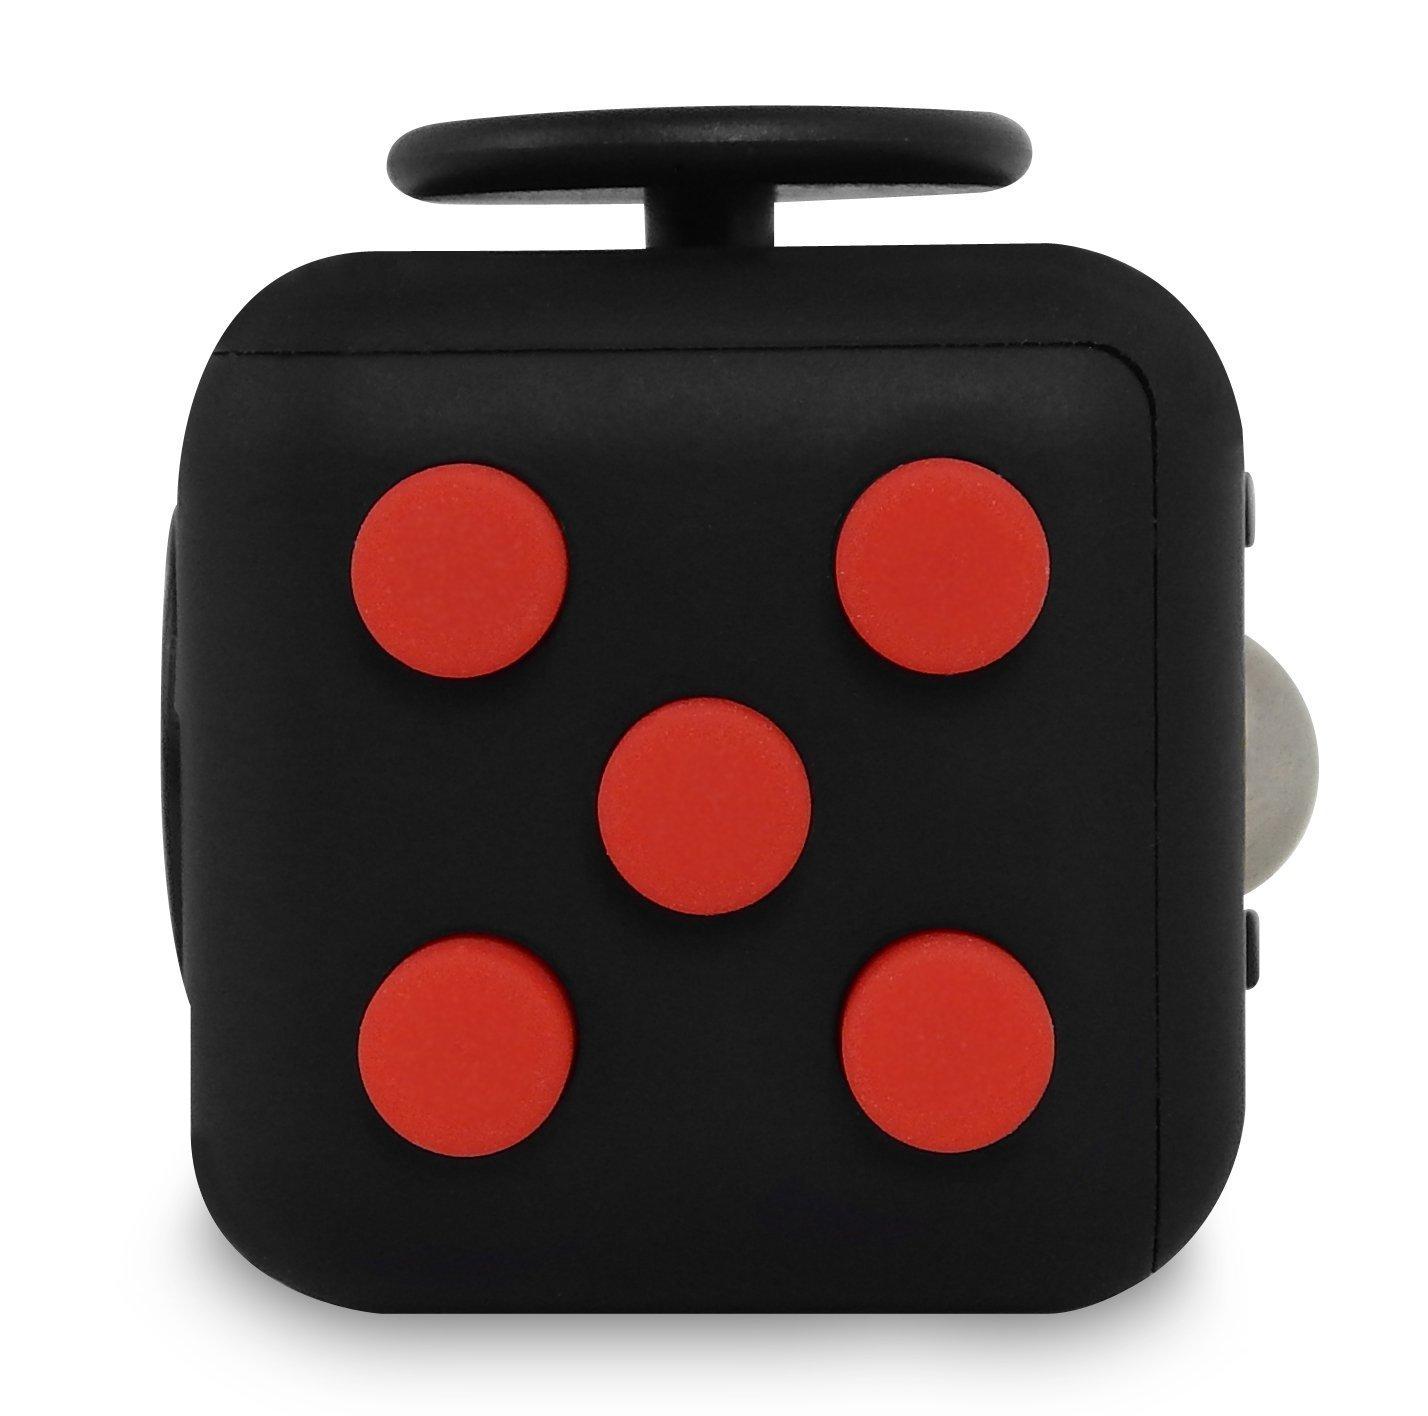 fidget cube de 6 caras negro-rojo